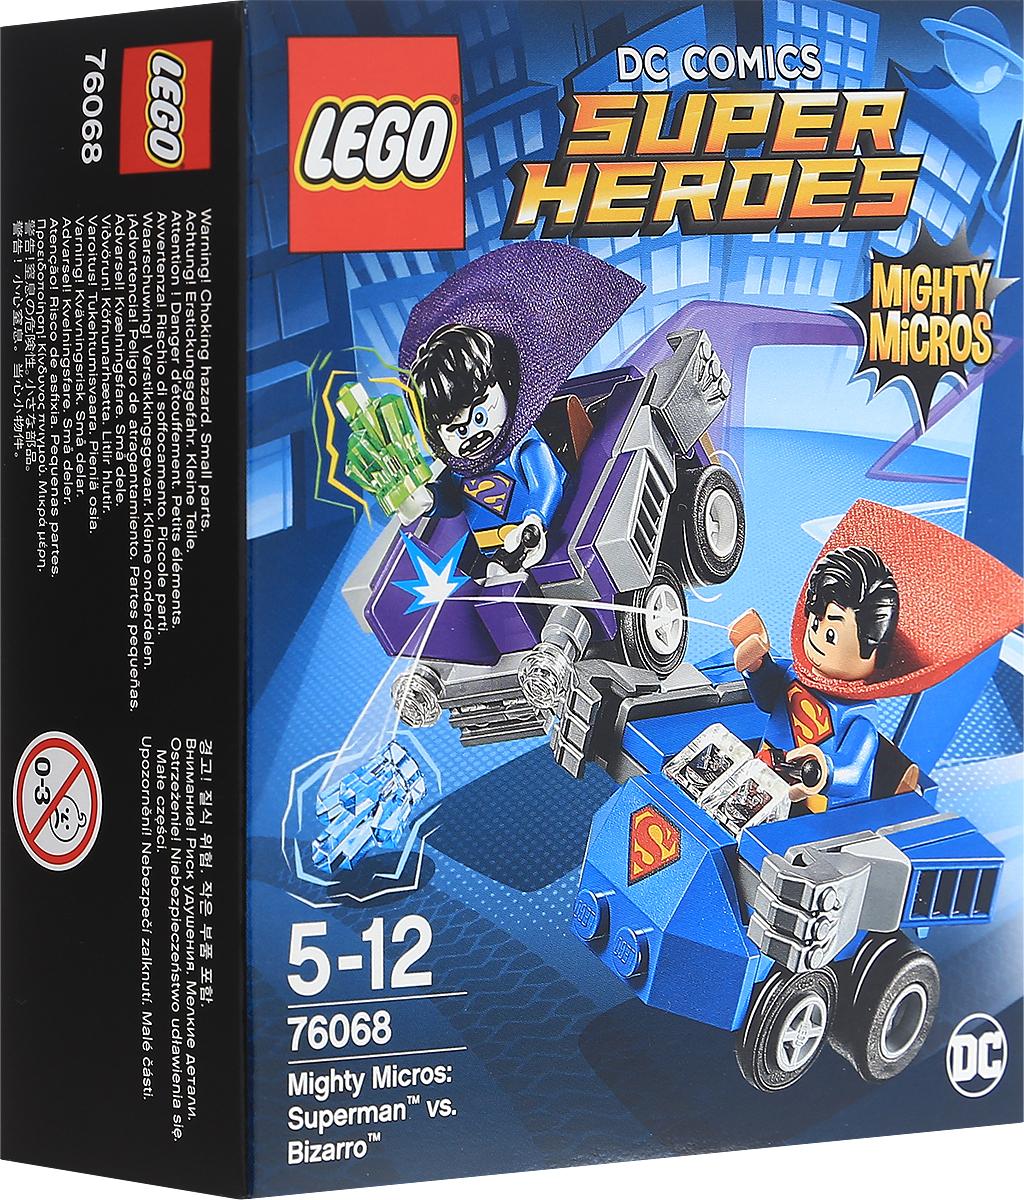 LEGO Super Heroes Конструктор Mighty Micros Супермен против Бизарро 7606876068Бросайтесь в погоню и поймайте Бизарро, если сможете! Кто знает, куда направится заклятый враг Супермена в своем автомобиле, построенном задом наперед! Используйте голубой Криптонит, чтобы лишить Бизарро сил, но остерегайтесь зеленого Криптонита! Сойдитесь в бою лицом к лицу, чтобы выяснить, кому суждено стать победителем! Набор включает в себя 93 разноцветных пластиковых элемента. Конструктор - это один из самых увлекательных и веселых способов времяпрепровождения. Ребенок сможет часами играть с конструктором, придумывая различные ситуации и истории.